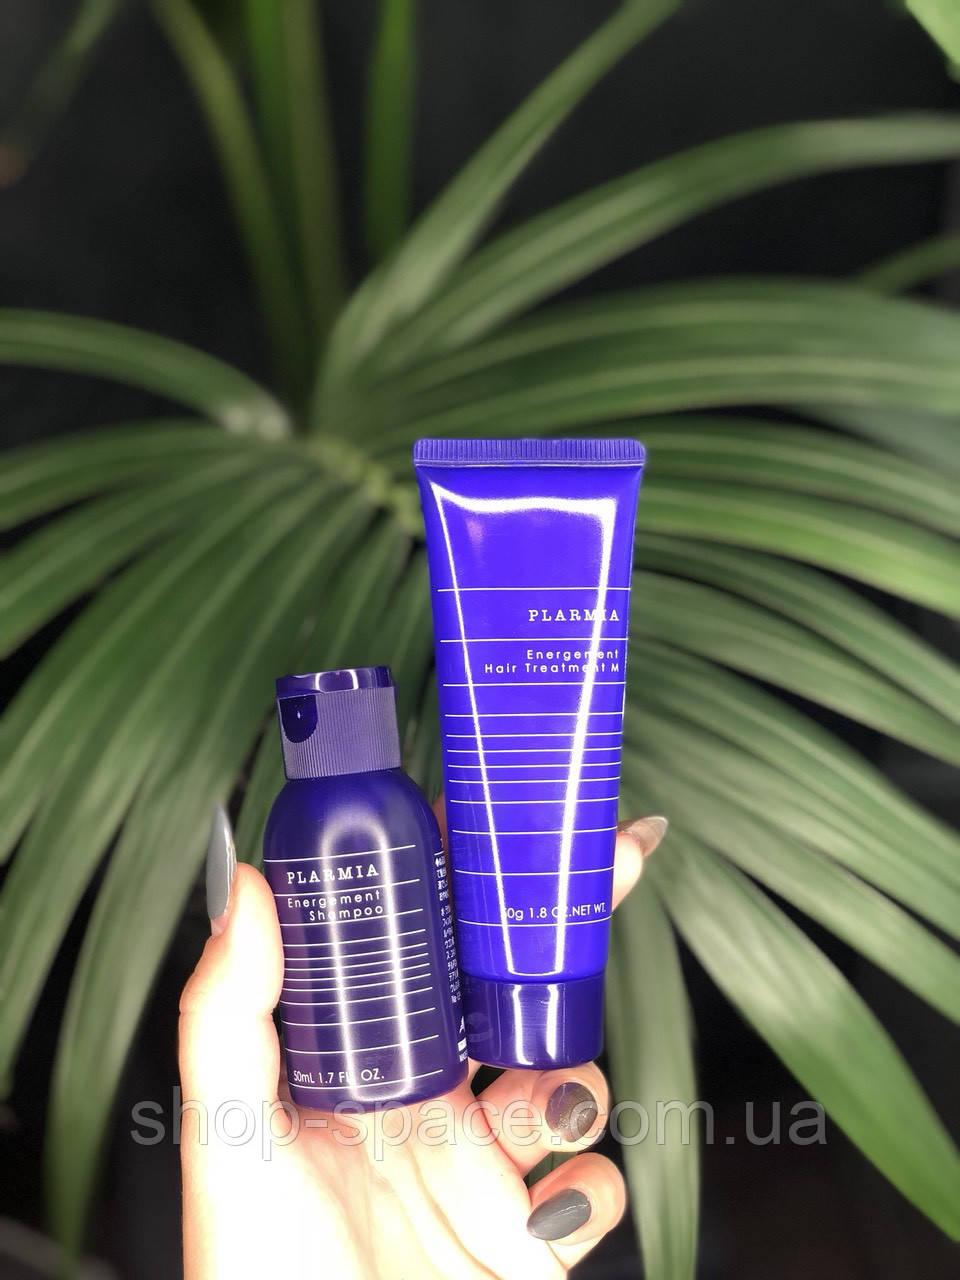 Milbon. Маска Plarmia Energement Treatment М. Для жестких и непослушных волос, 50 гр